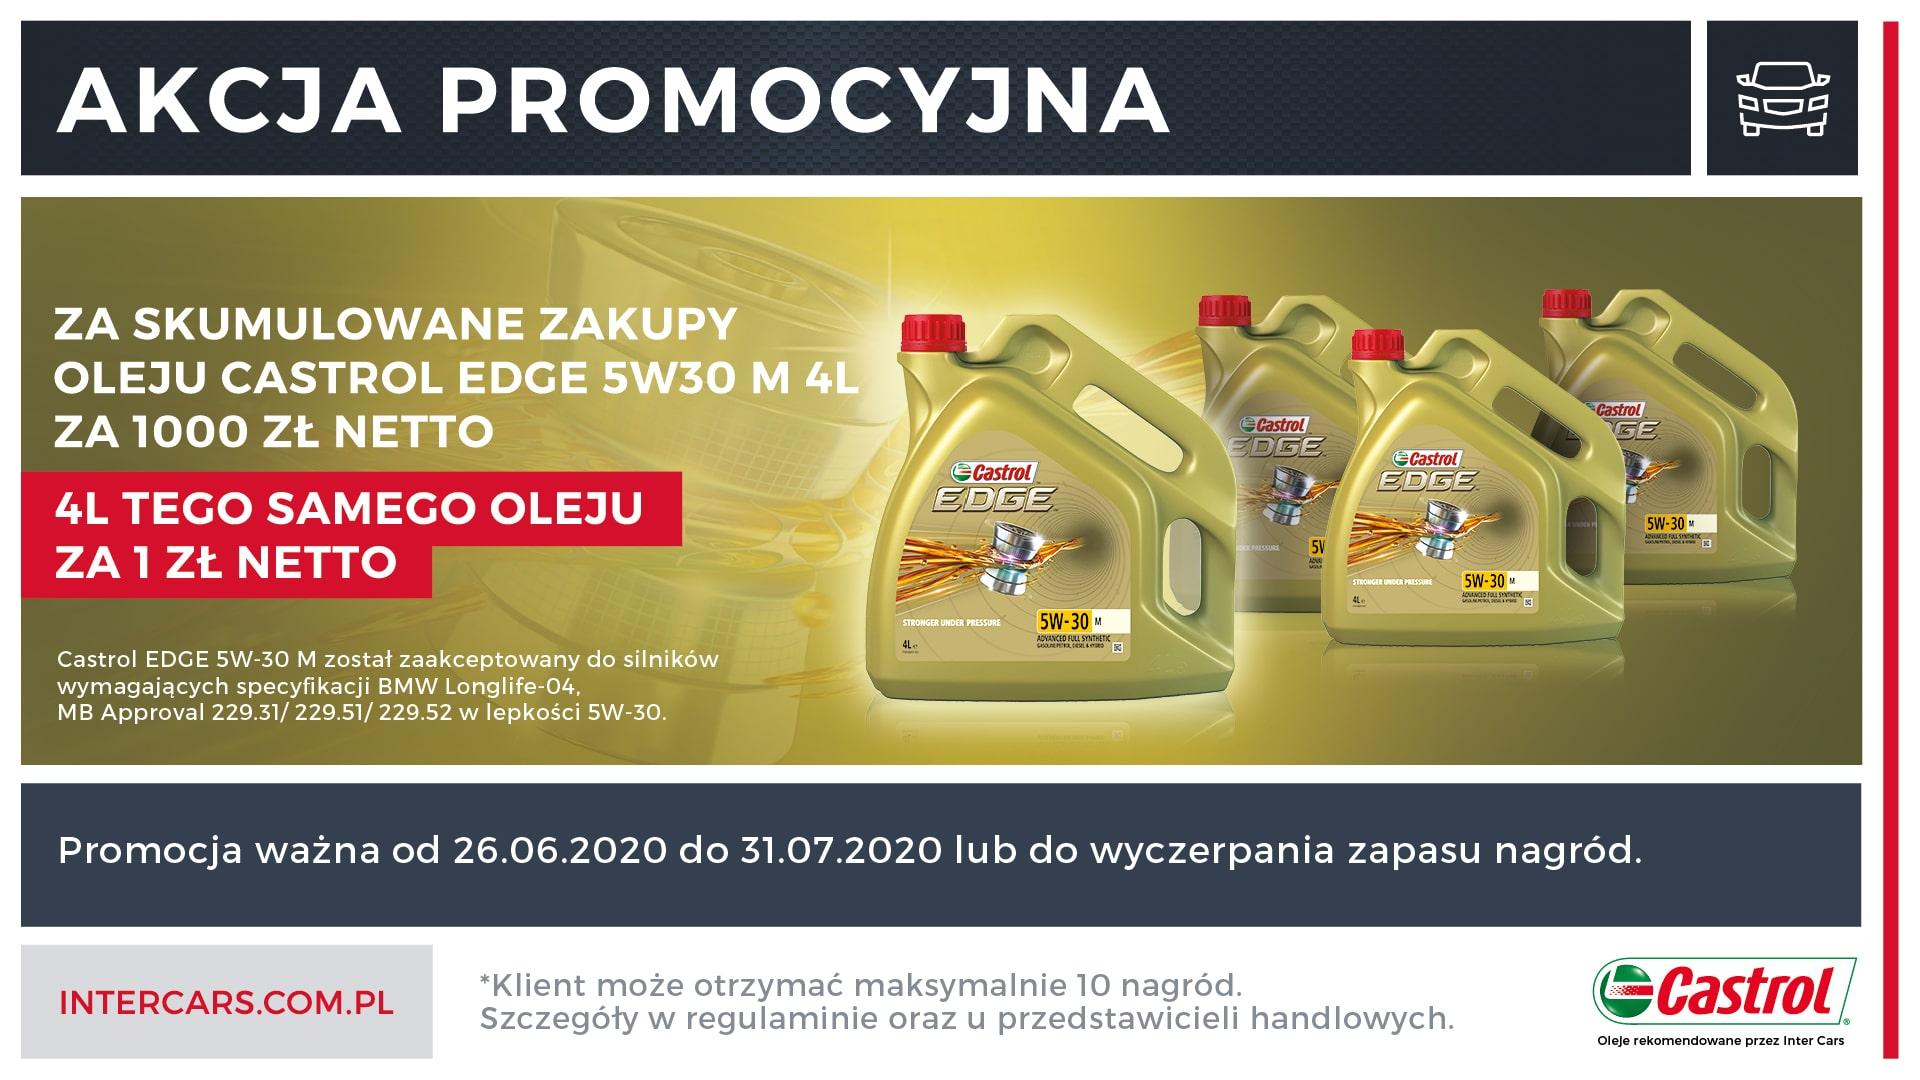 promocja_castrol_za_zakup_edge_za1000zl_olej_za1zl_1920x1080_katalog-min.jpg